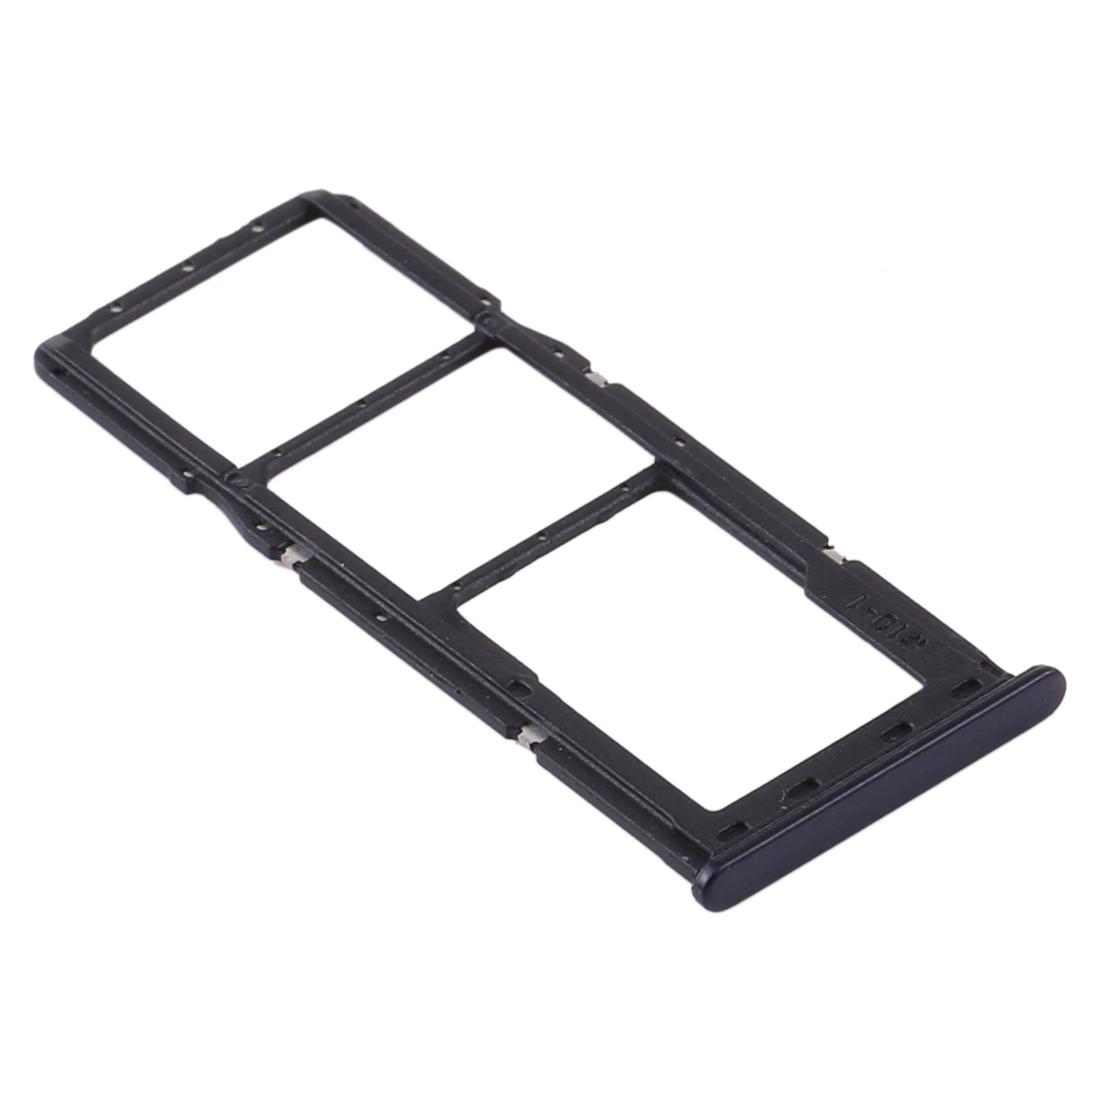 Bandeja de tarjeta SIM y Micro SD para Samsung Galaxy A21 2020 A215F - Negro